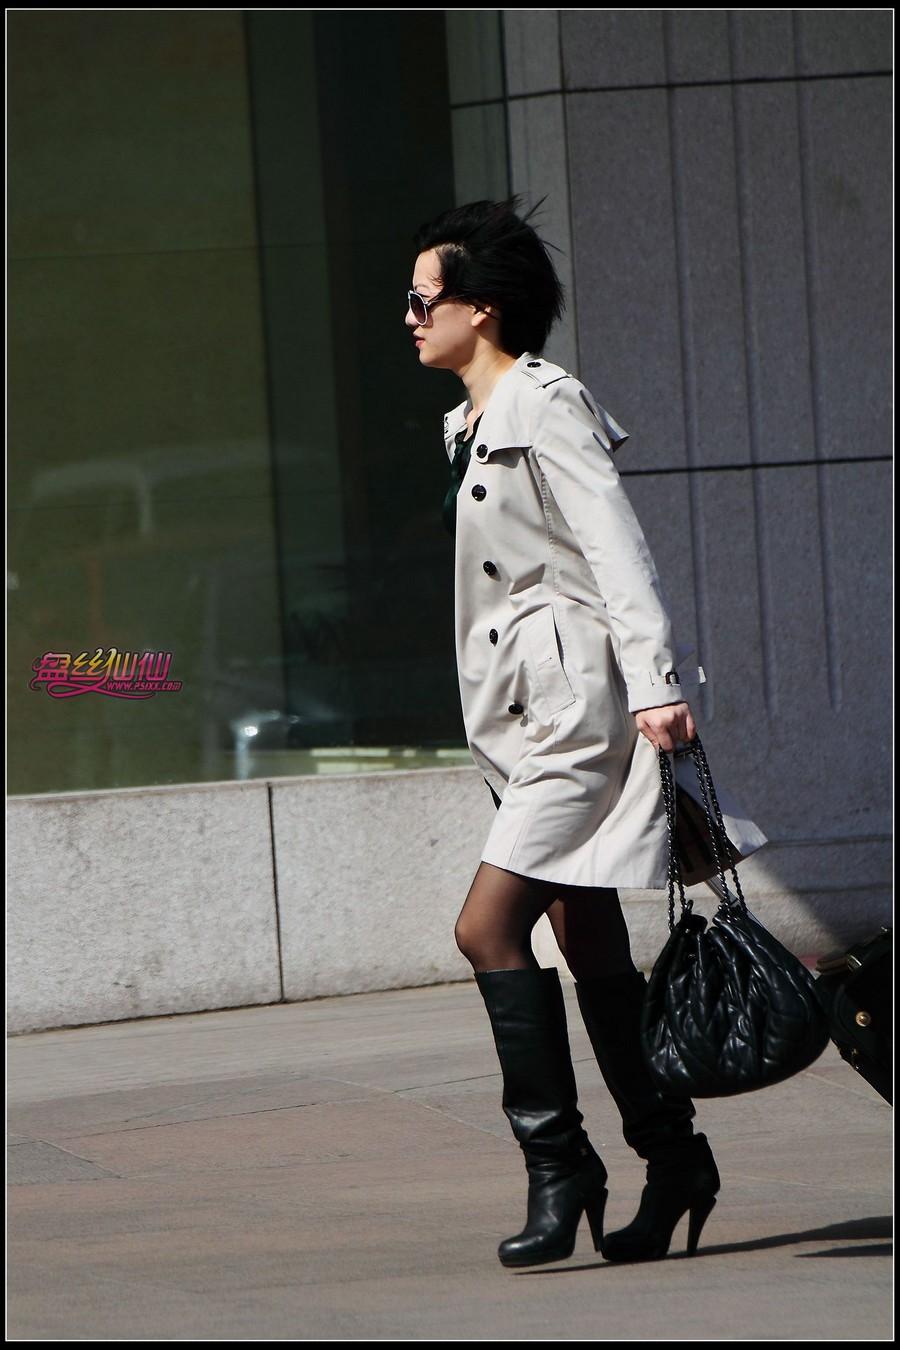 美女走路掉鞋_刚下飞机的长靴黑丝_盘丝仙仙 - 美丝街拍视频网